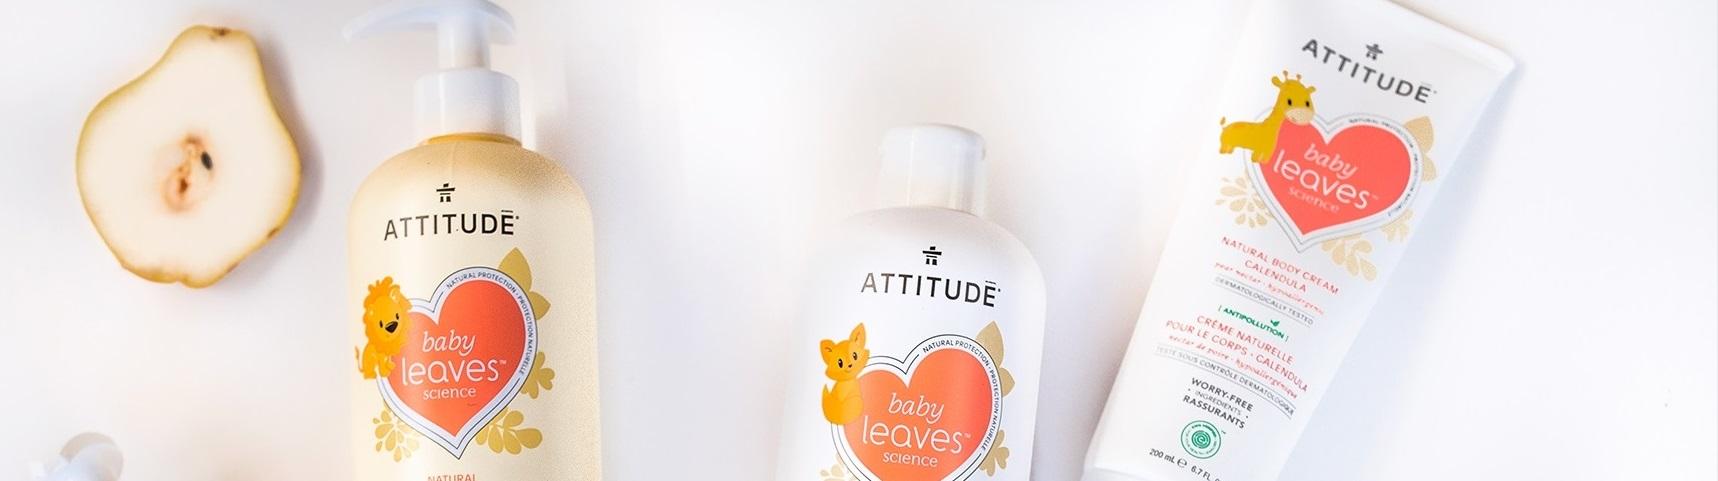 Kosmetika ATTITUDE - představení značky